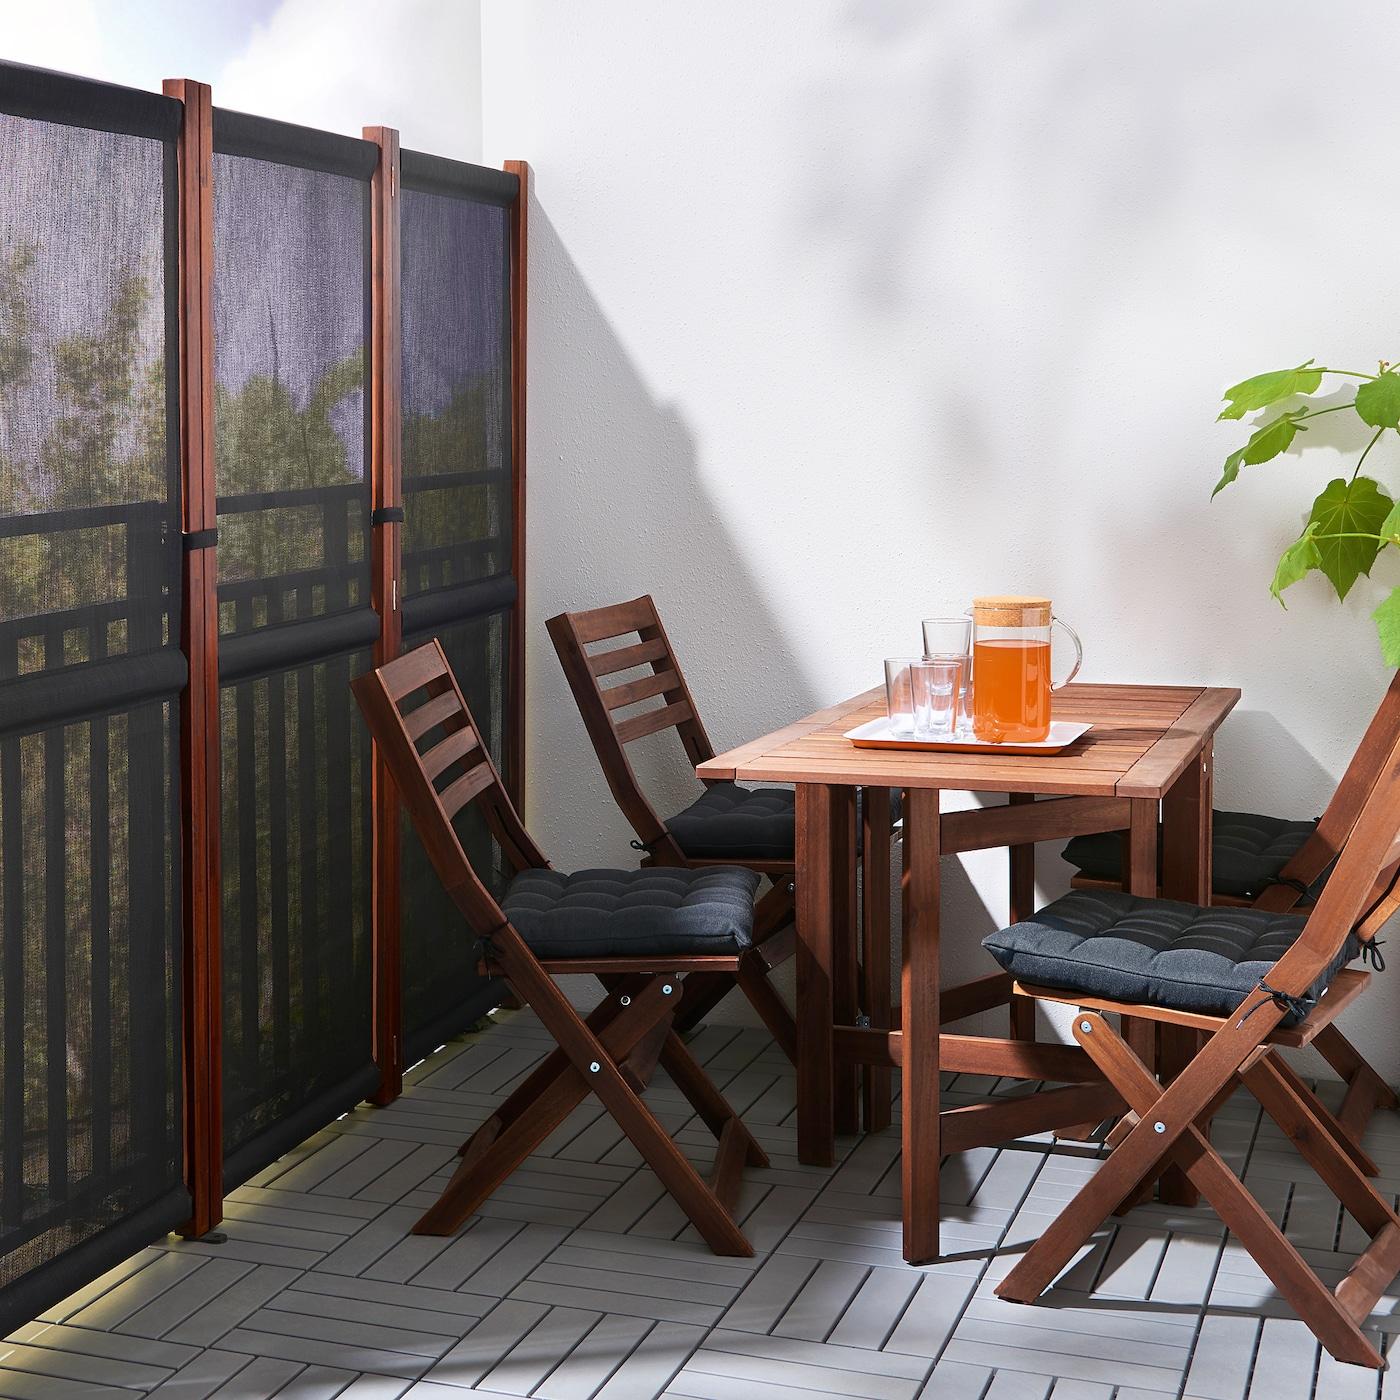 Full Size of Paravent Balkon Ikea Sltt Sichtschutz Auen Schwarz Garten Küche Kosten Betten 160x200 Sofa Mit Schlaffunktion Miniküche Bei Modulküche Kaufen Wohnzimmer Paravent Balkon Ikea